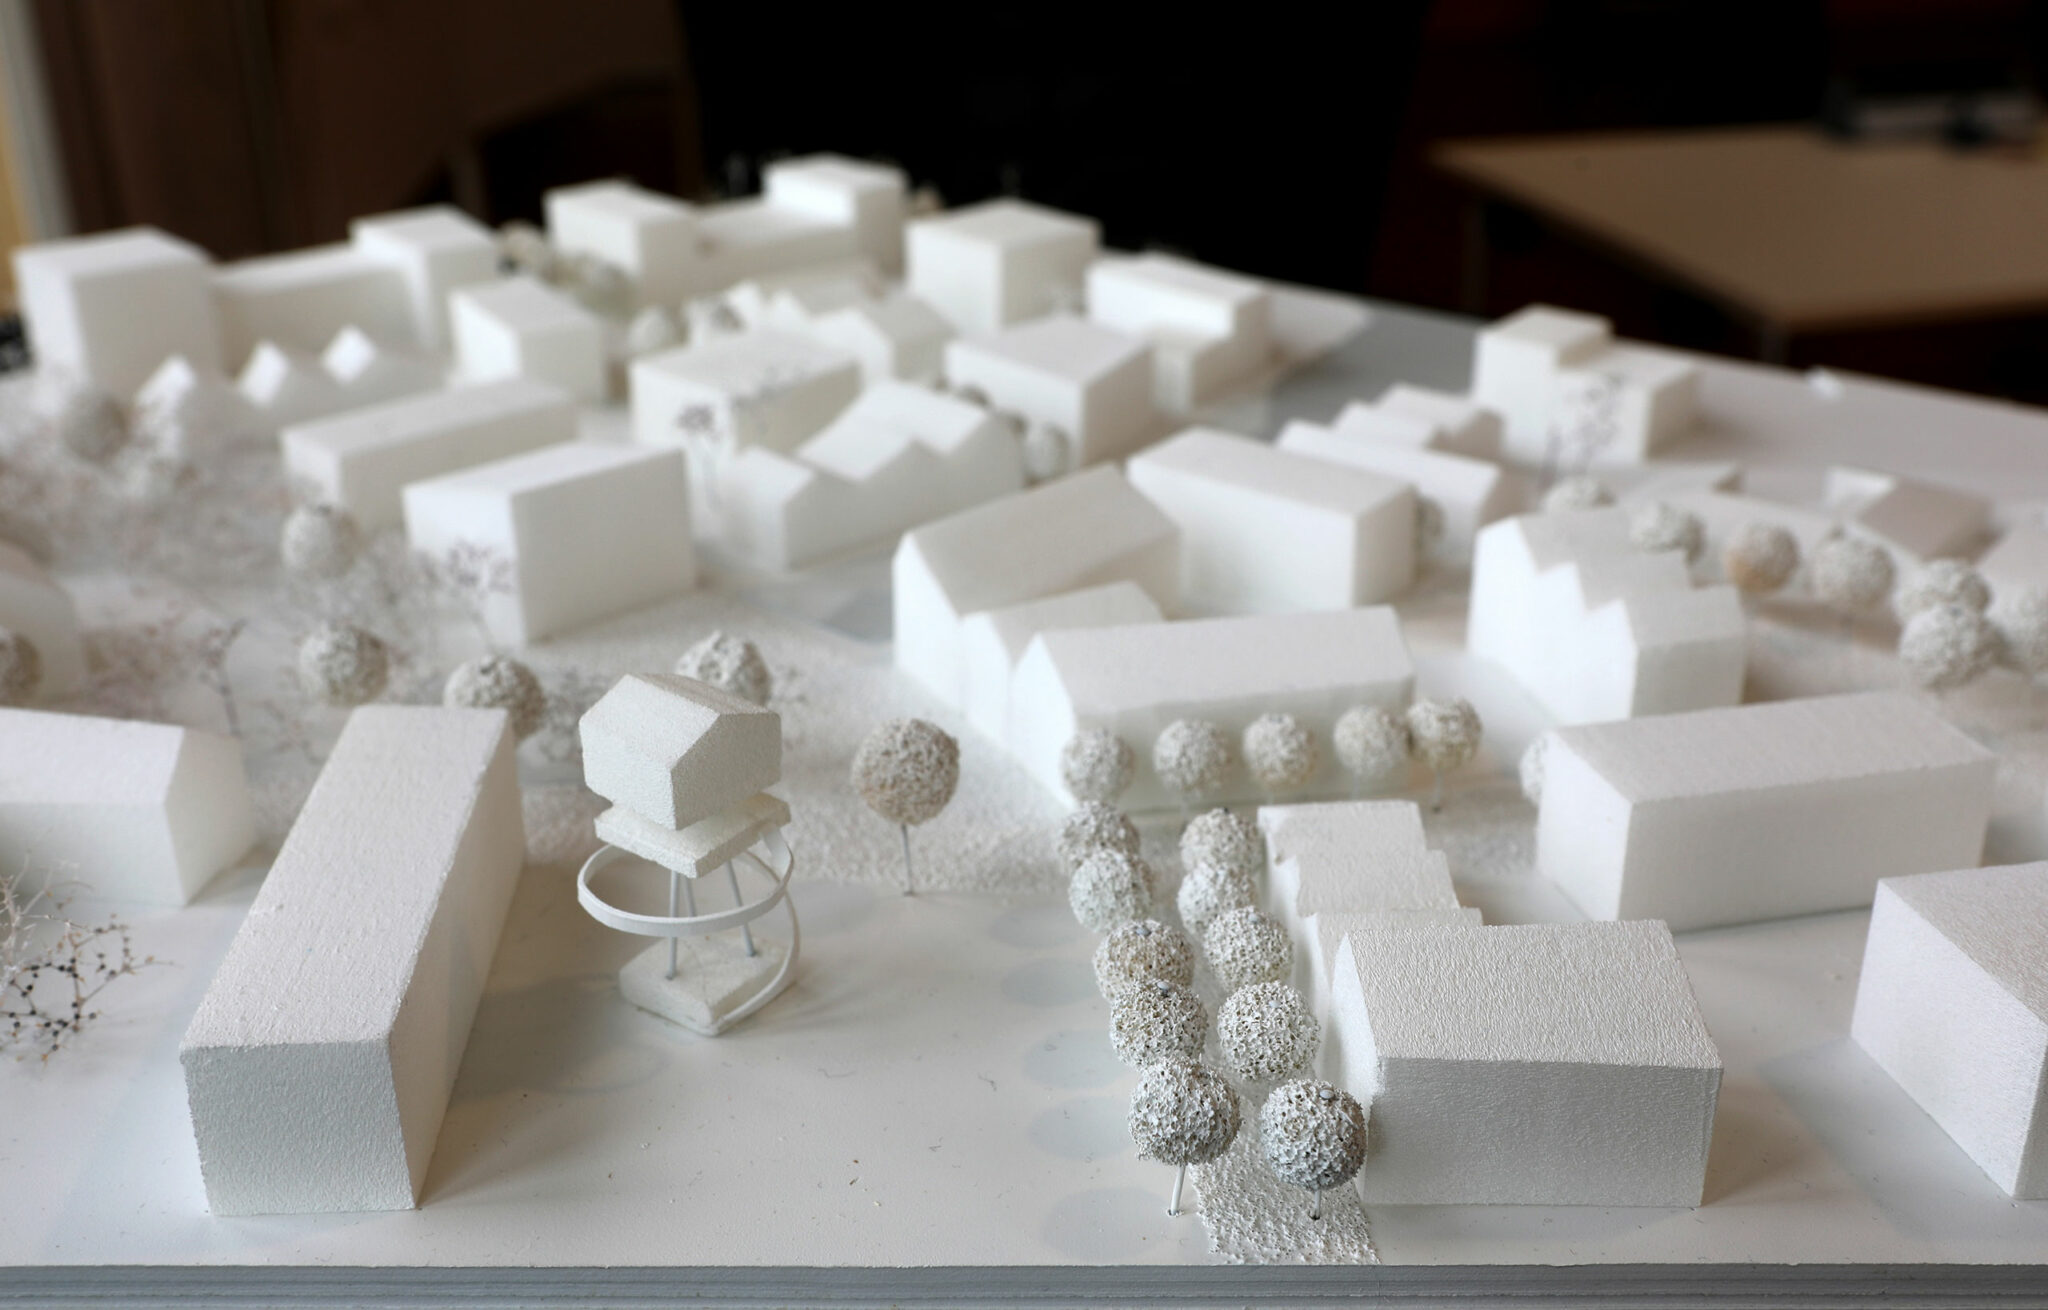 Modell des städtebaulichen Entwurfs für die Hangweide / Kernen im Remstal (Entwurf: UTA / Sima | Breer; Bild: Alexandra Palmizi)